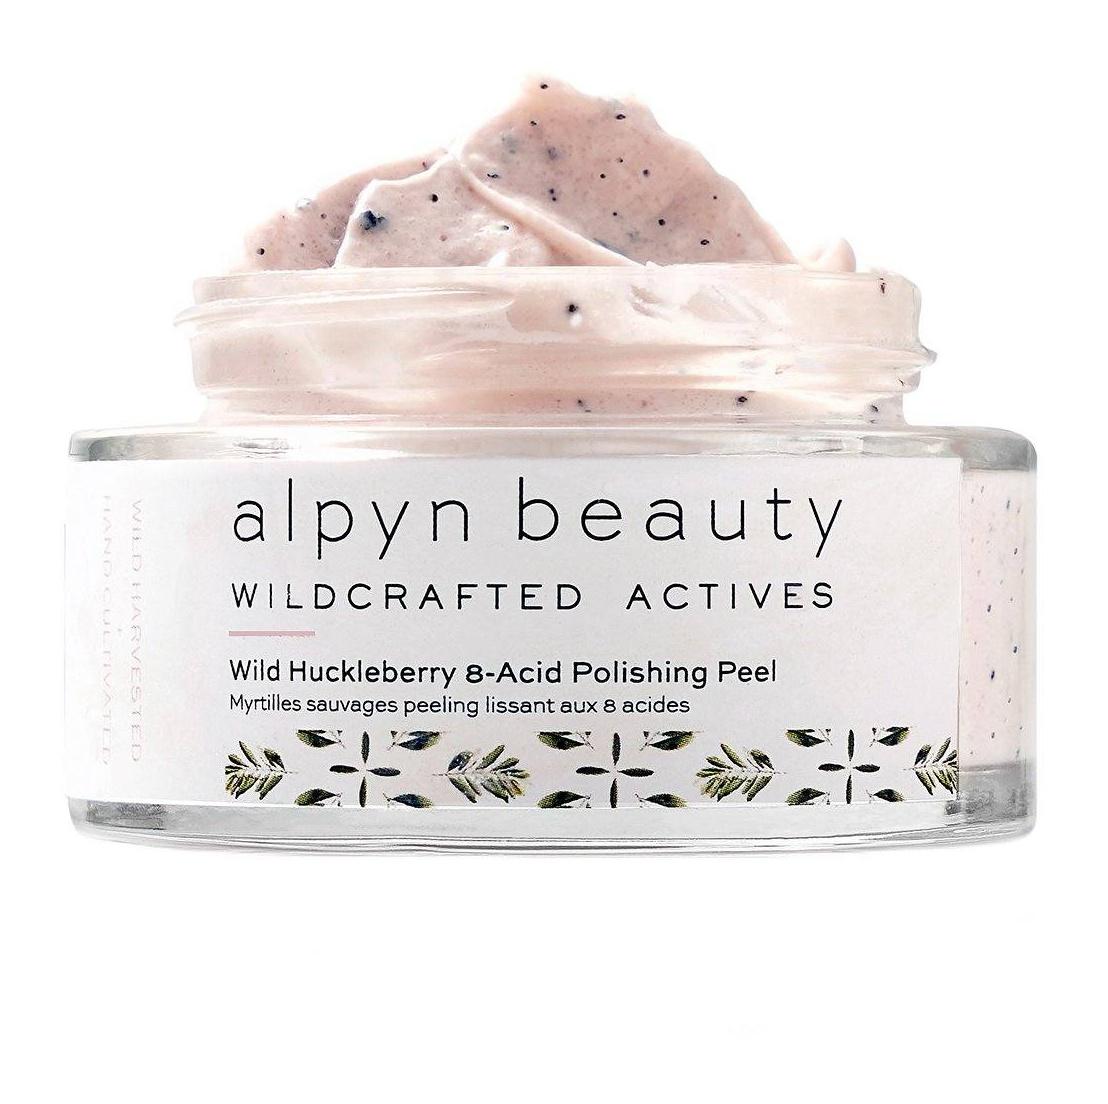 Alpyn Beauty Wild Huckleberry 8-Acid Polishing Peel